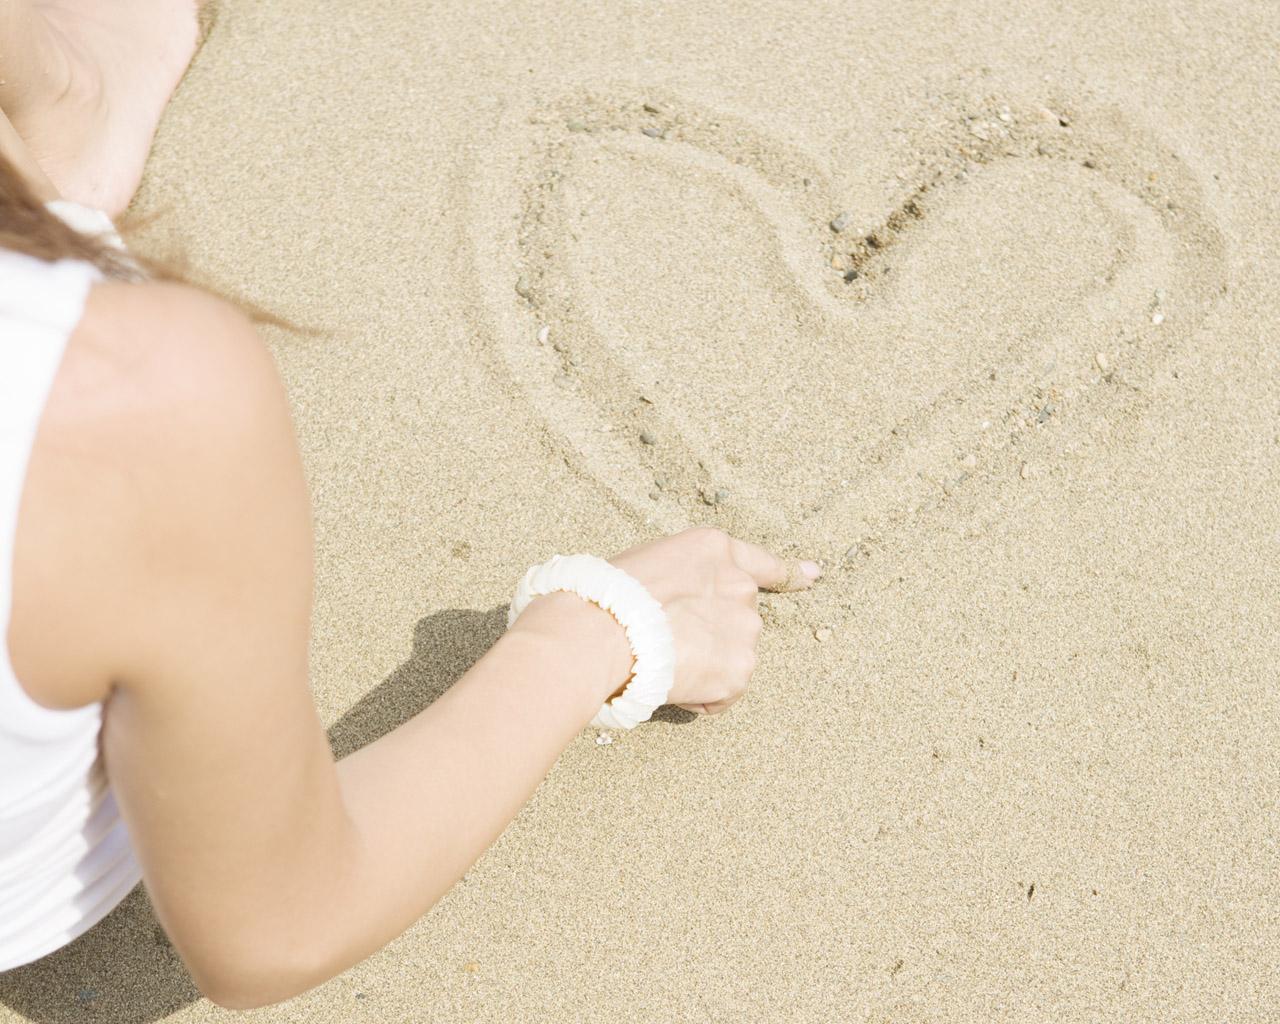 阳光沙滩美女桌面写真